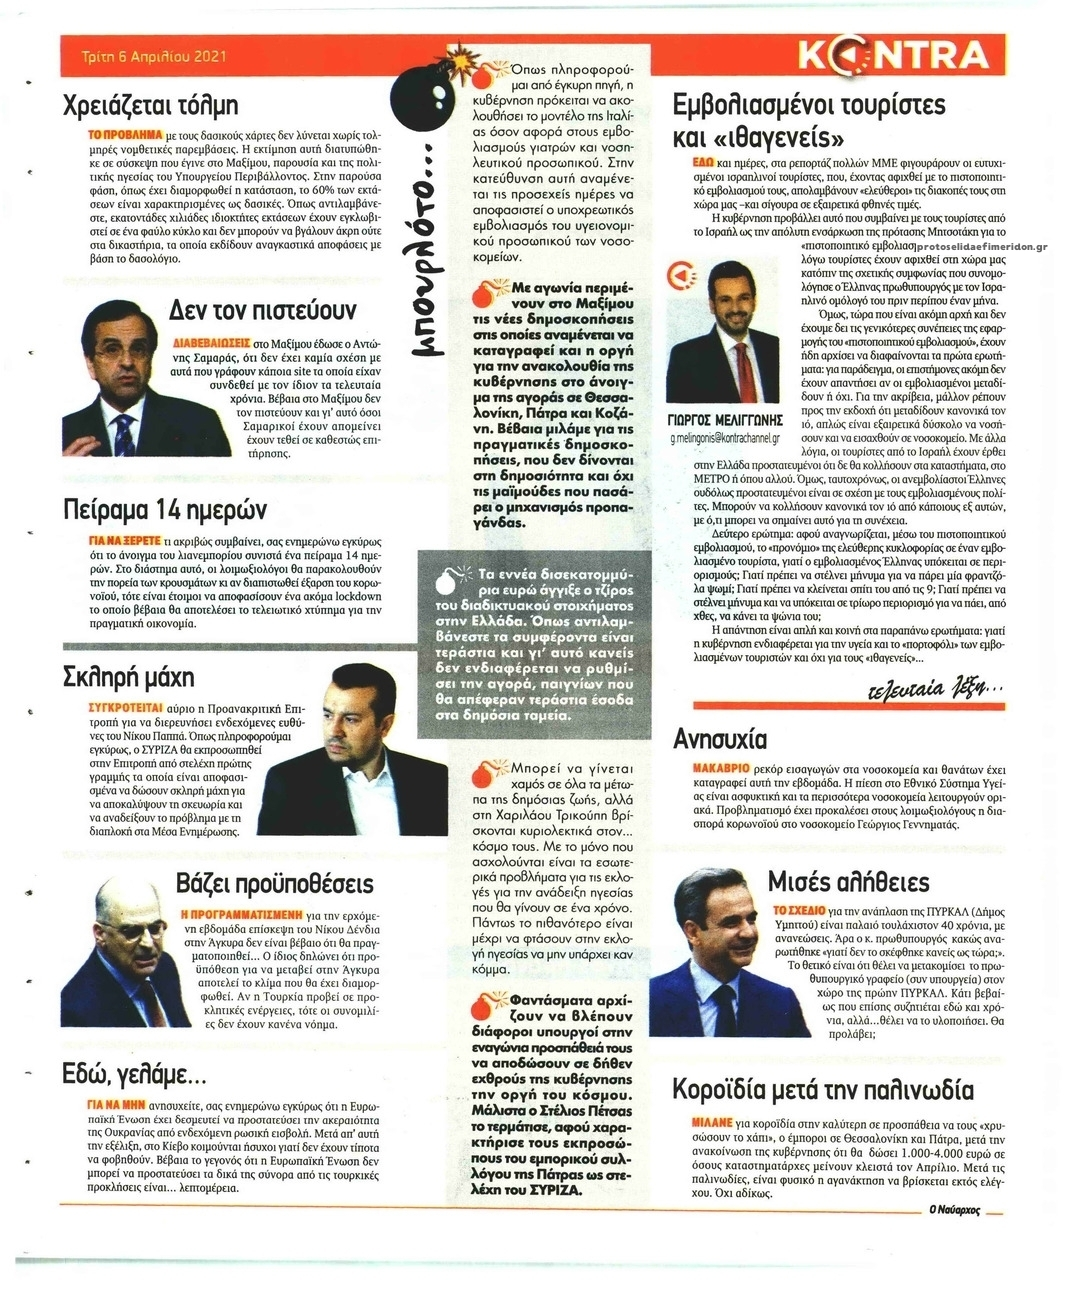 Οπισθόφυλλο εφημερίδας Kontra News